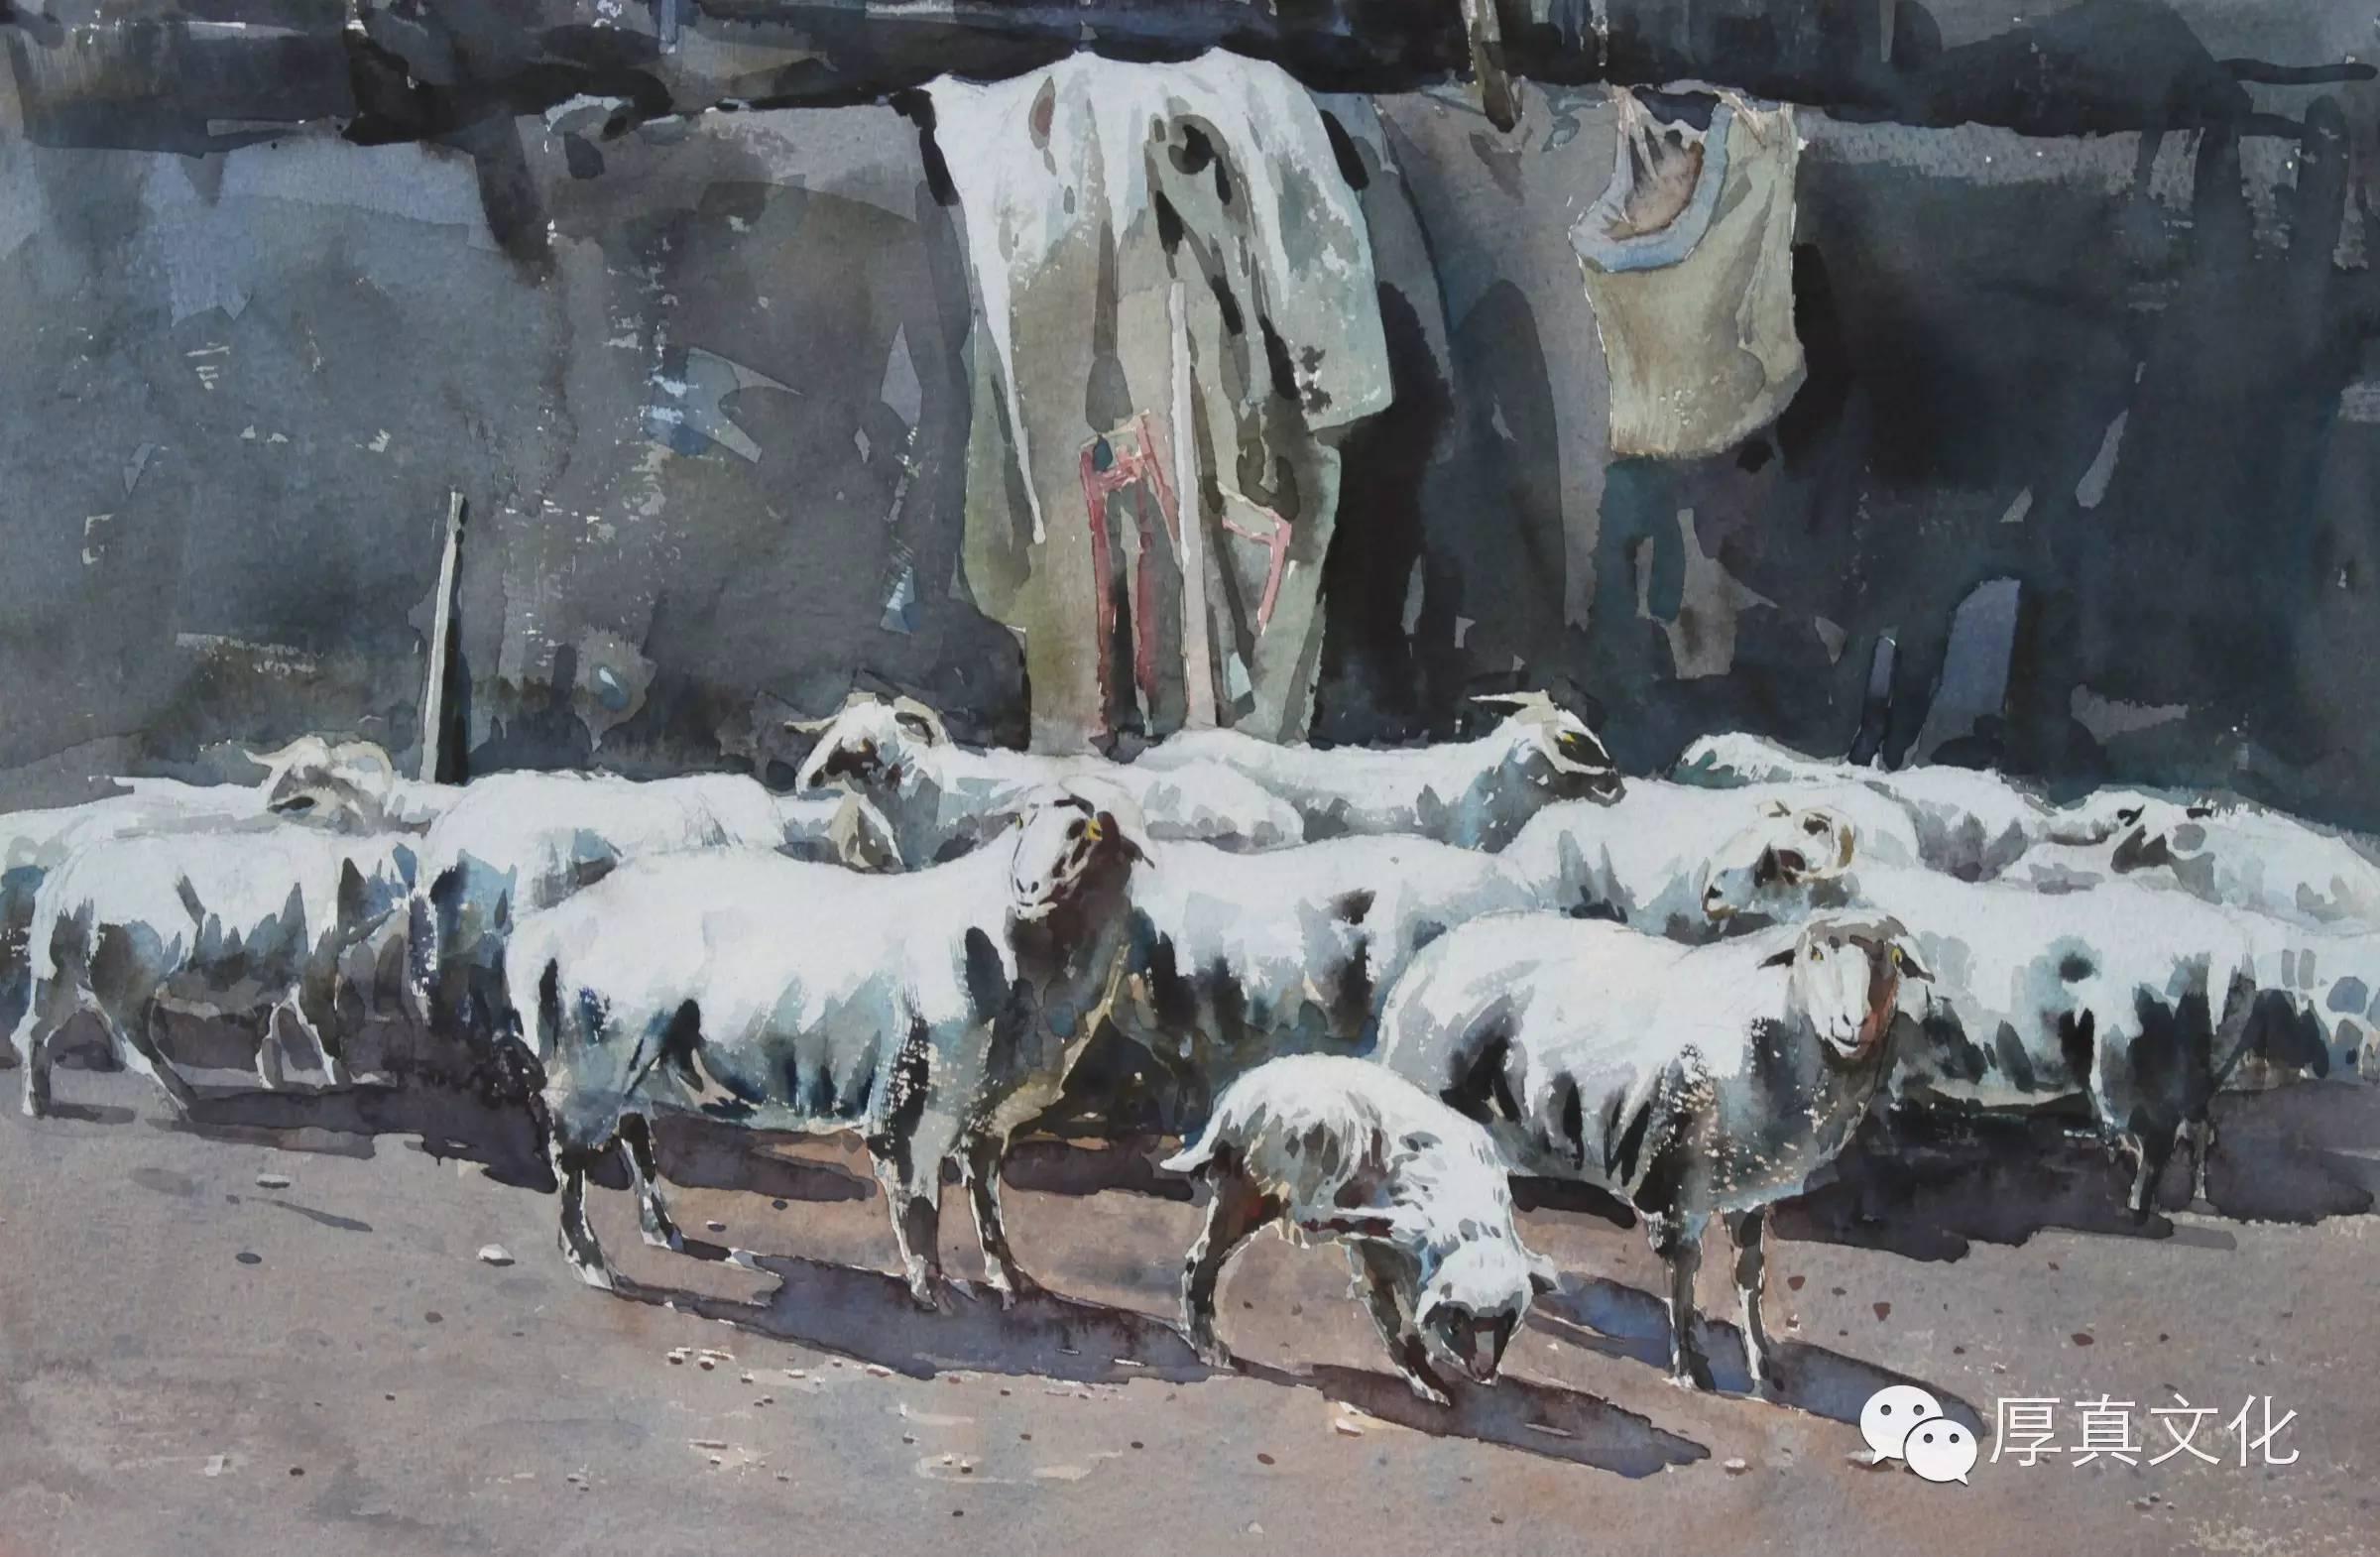 【蒙古人】美术家——云希望 第1张 【蒙古人】美术家——云希望 蒙古画廊